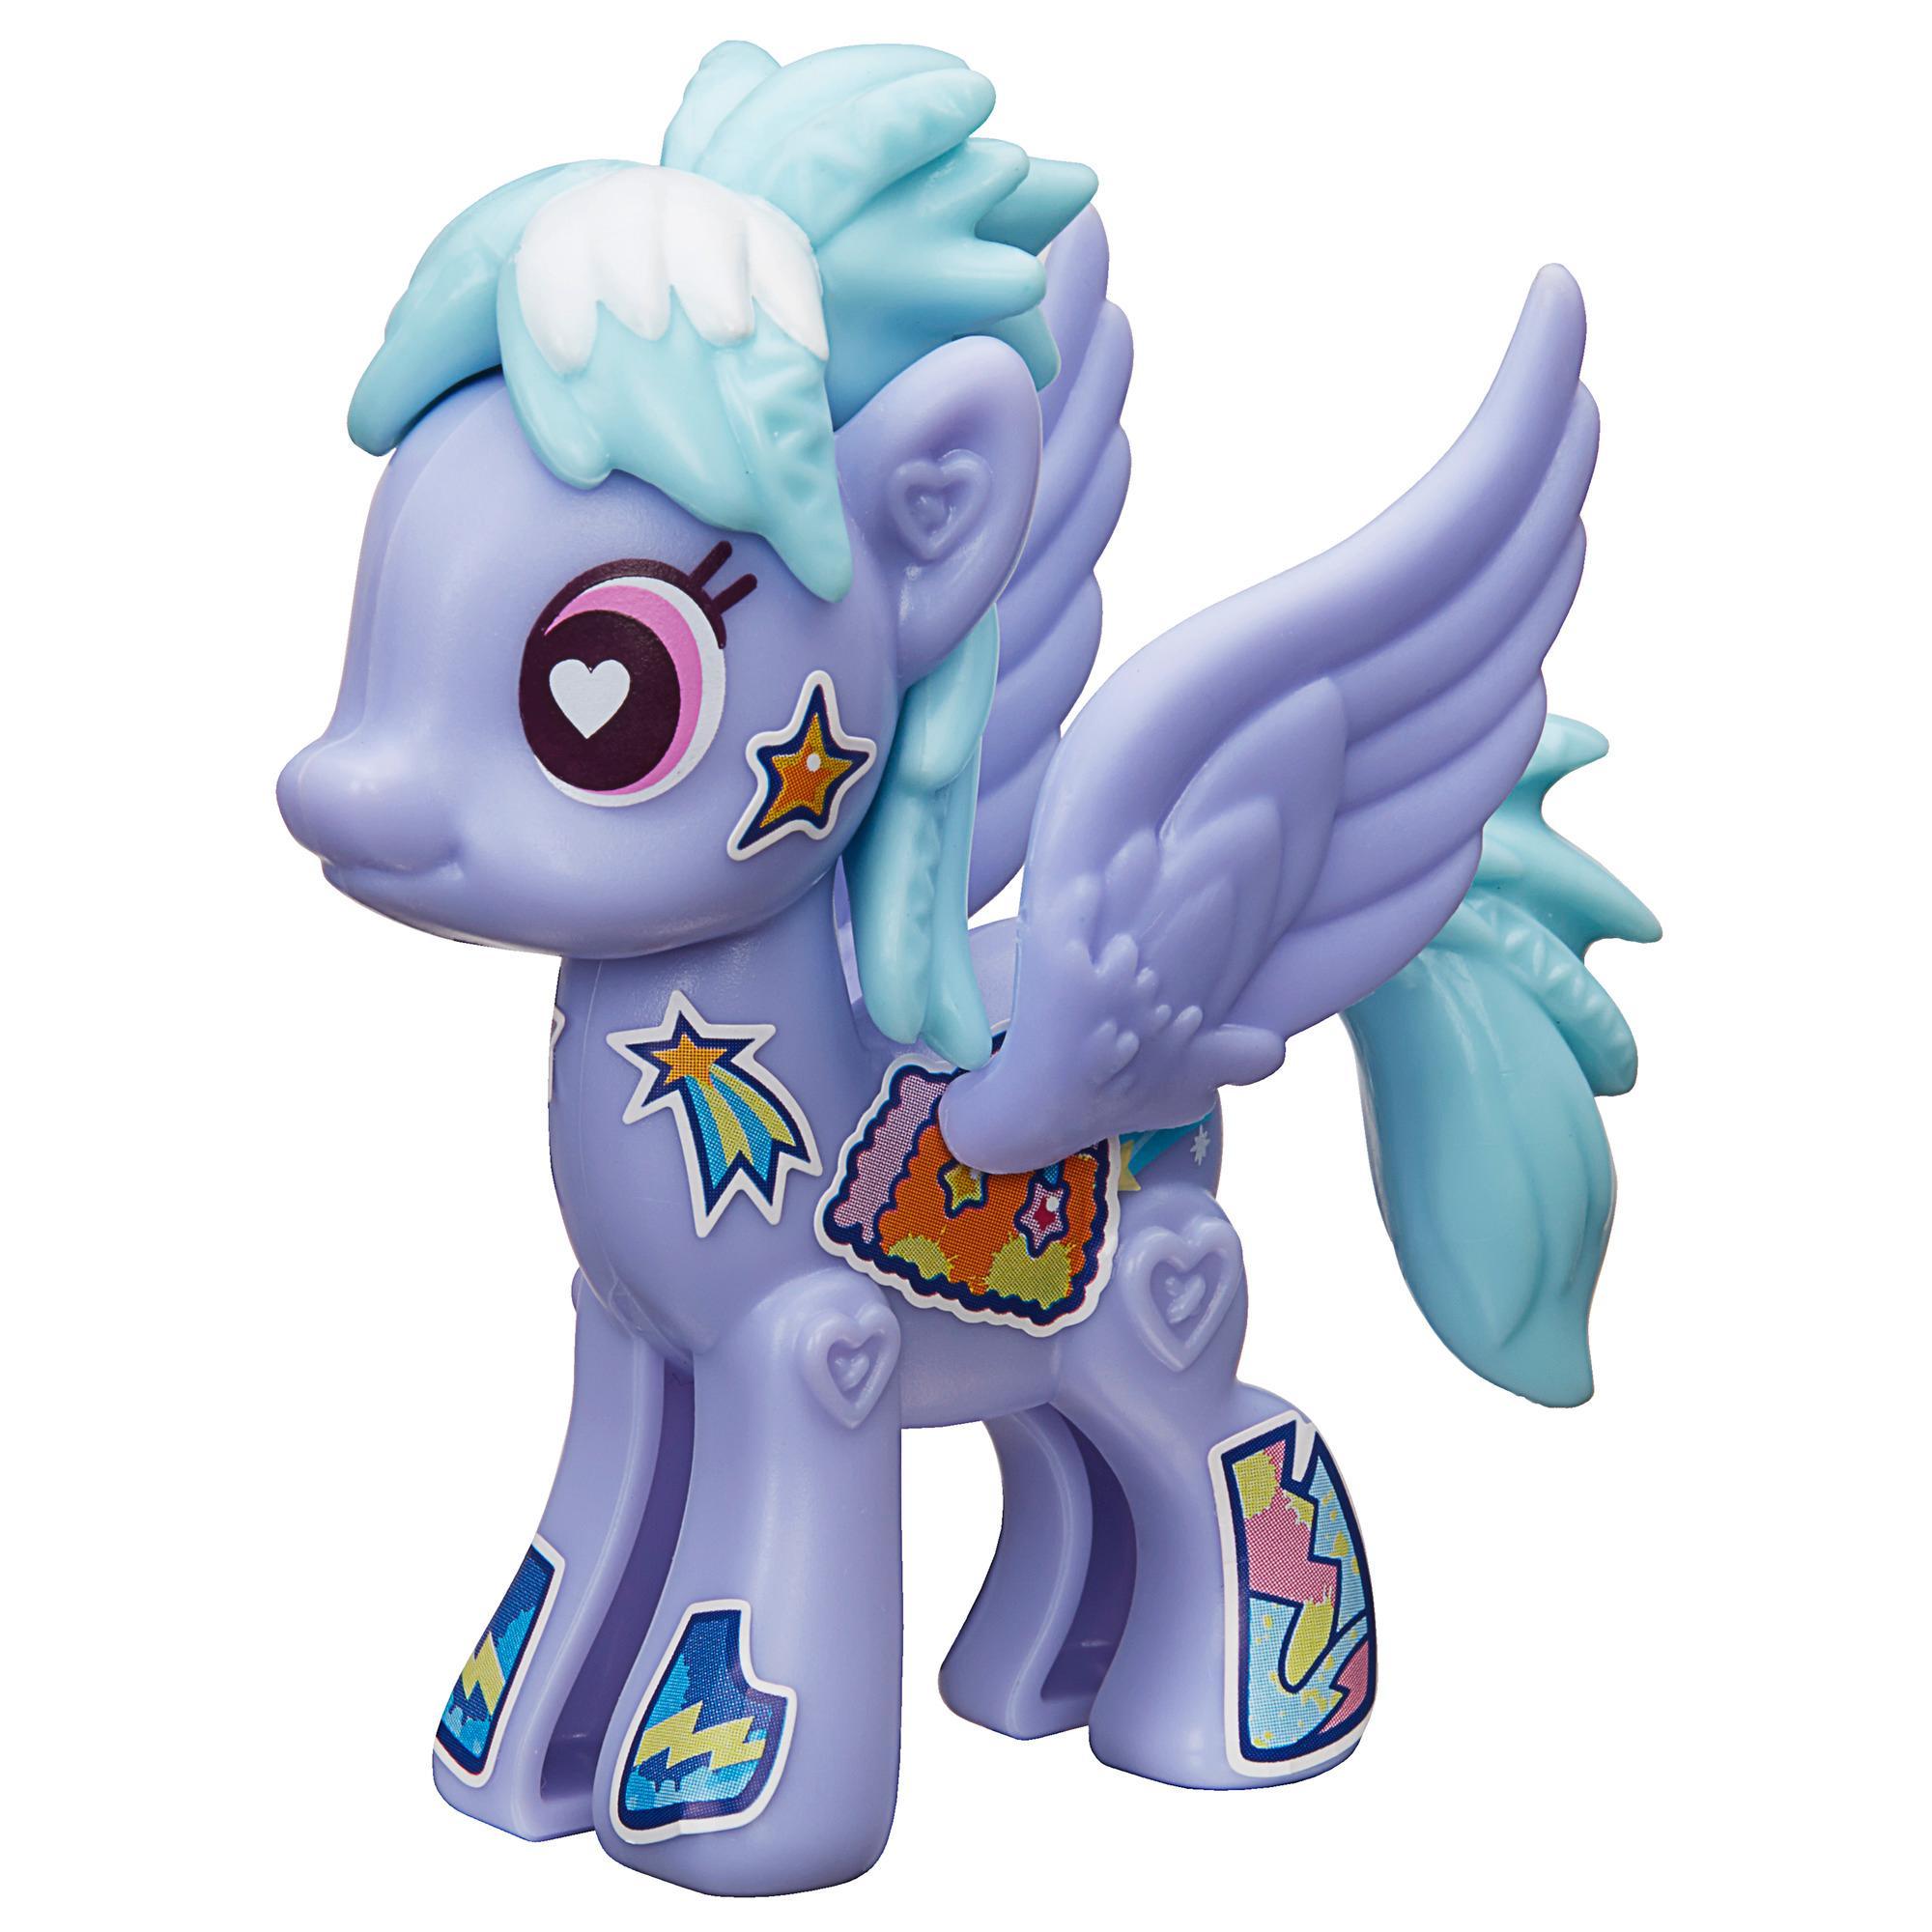 Игровой набор My Little Pony: Создай свою пони - Клауд ЧейзерМоя маленькая пони (My Little Pony)<br>Игровой набор My Little Pony: Создай свою пони - Клауд Чейзер<br>